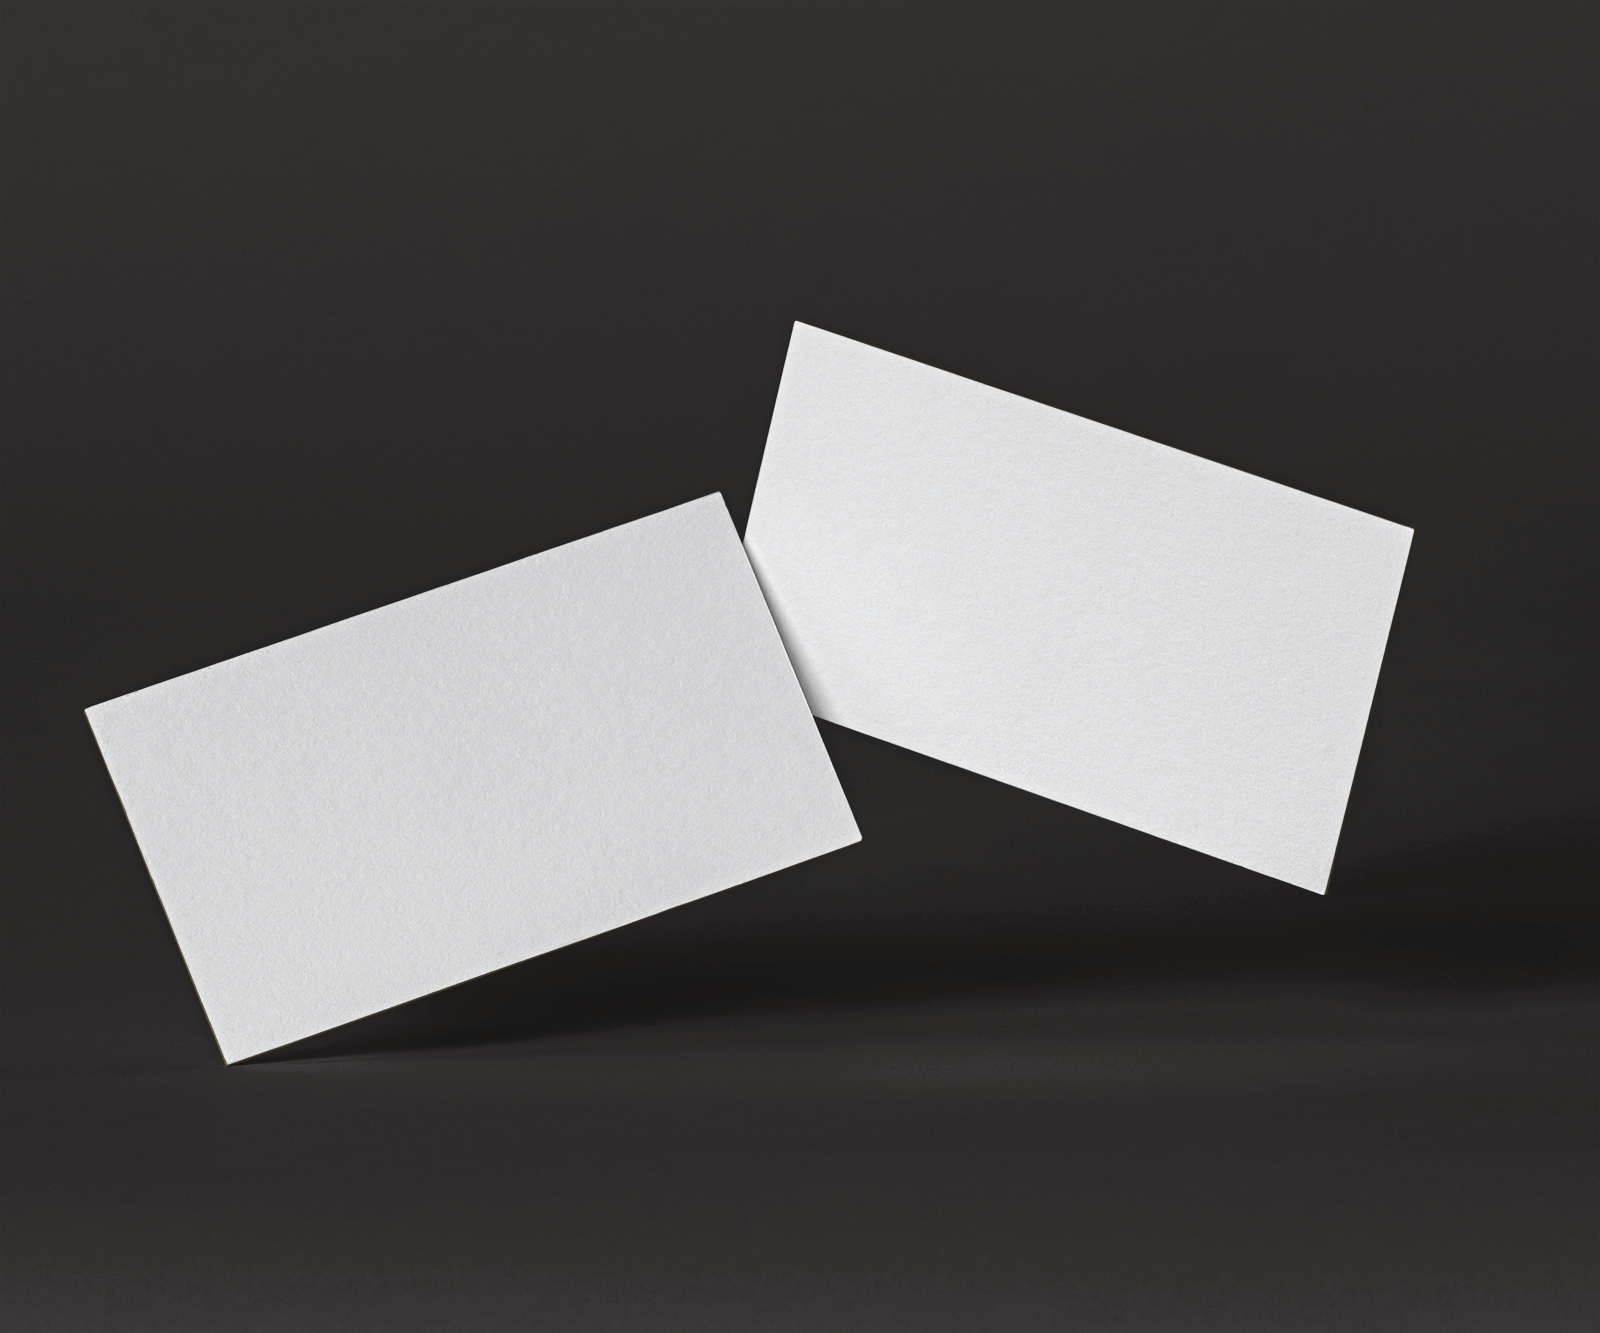 Free Elegant Business Cards Mockup 2